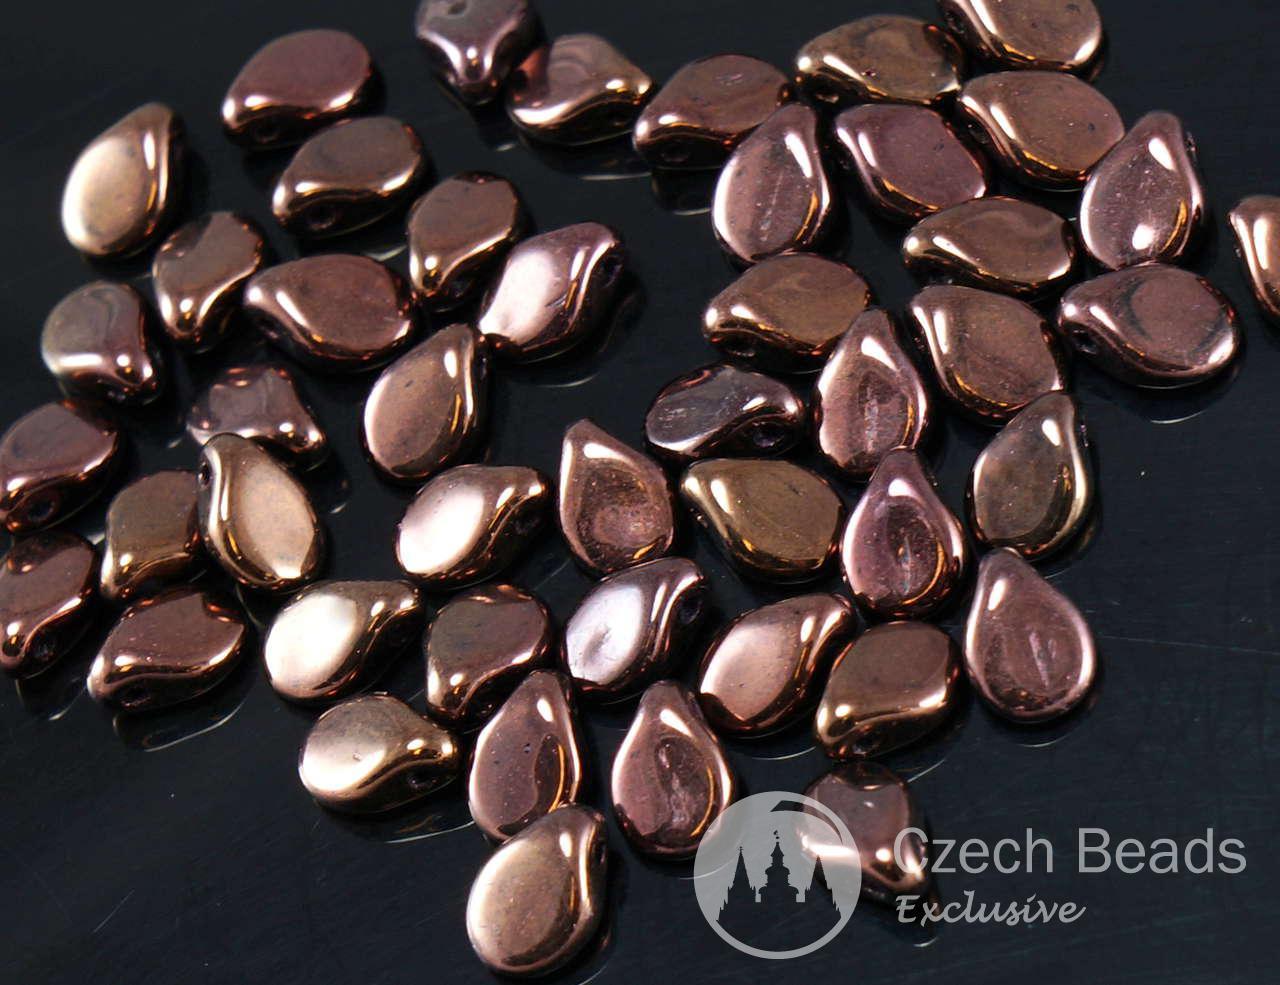 60шт непрозрачный металлик бронзовый Пип бусины чешские стеклянные прессованные бусины Прециоза плоский лепесток цветка 5мм х 7мм для $ 4.03 из Czech Beads Exclusive